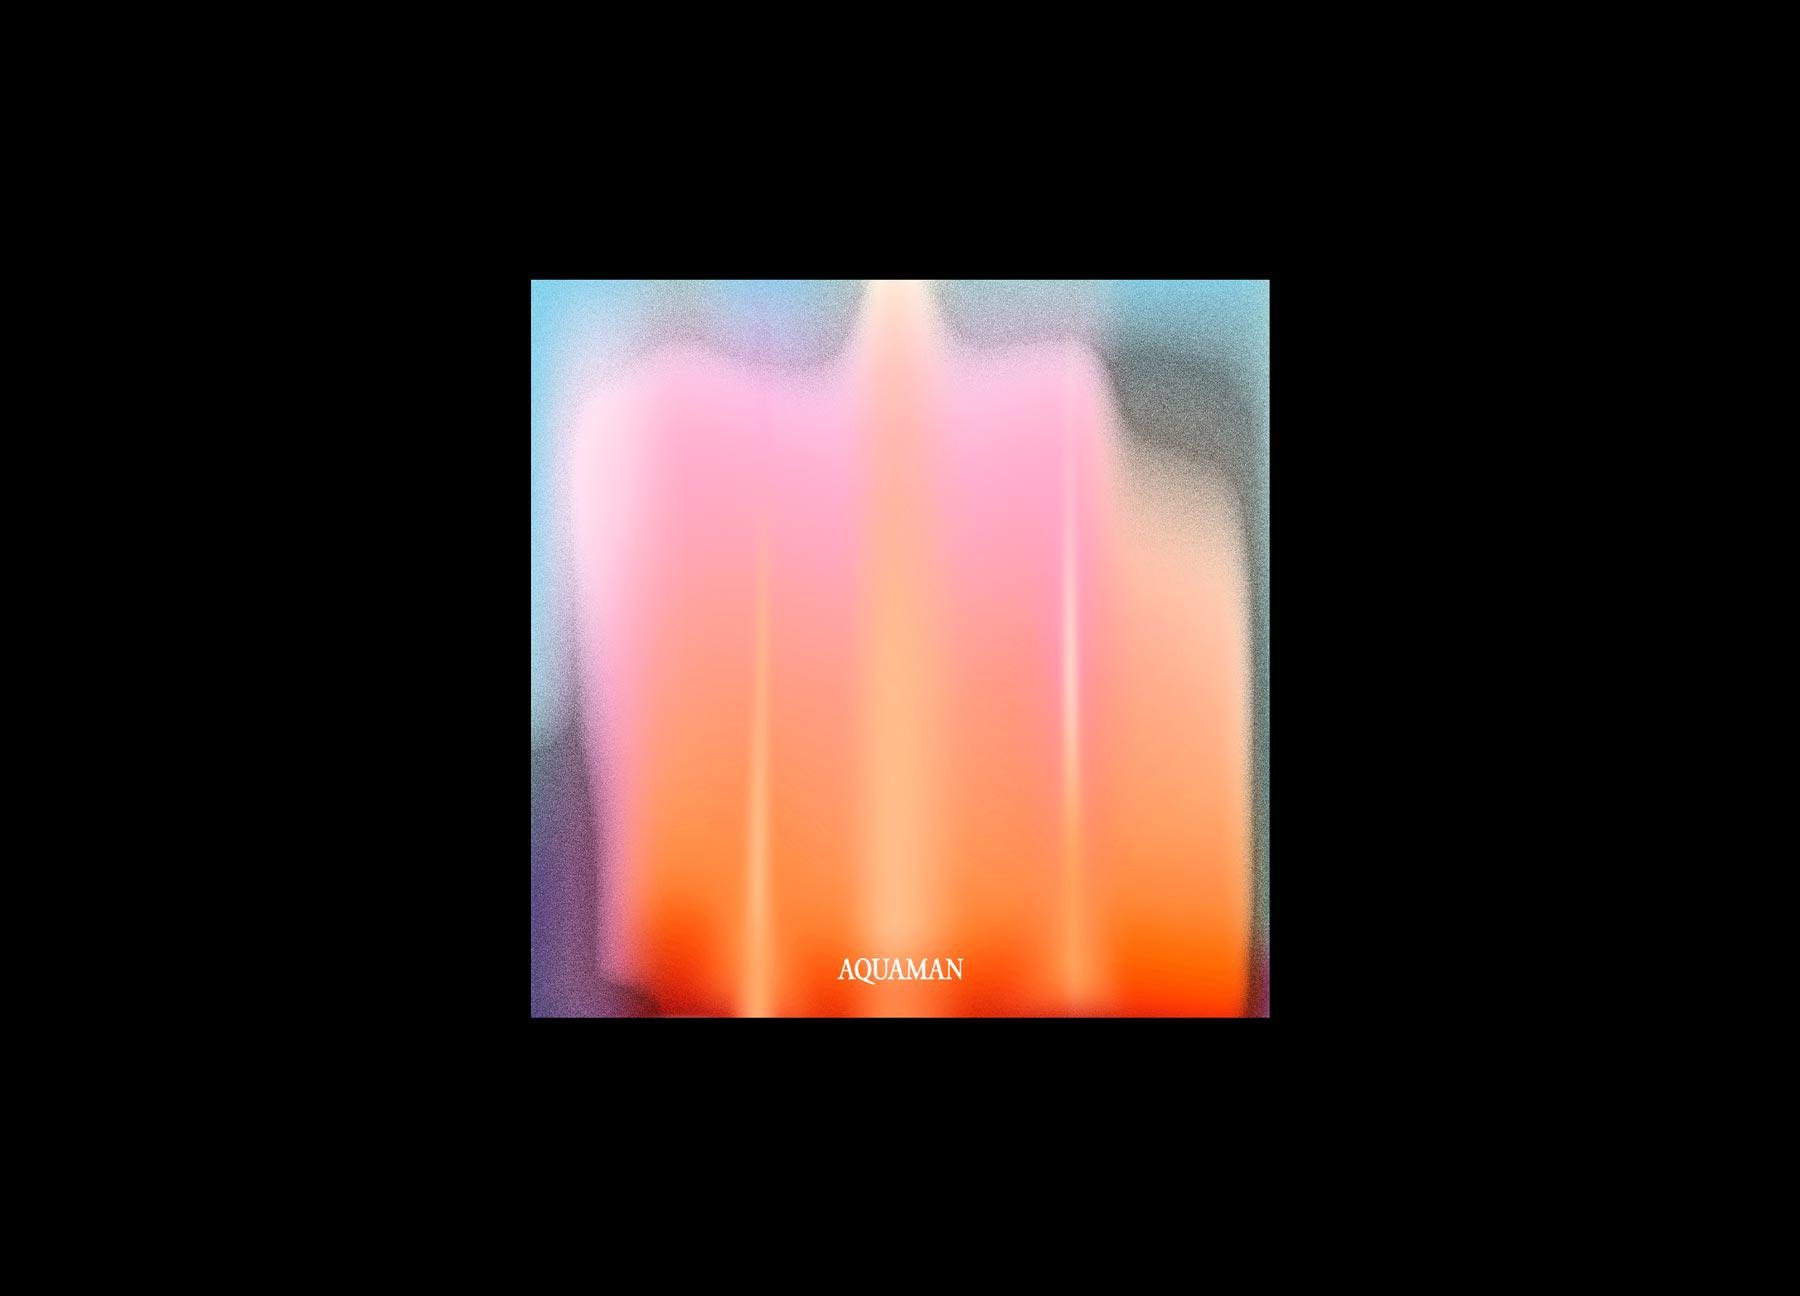 Album cover design by ES